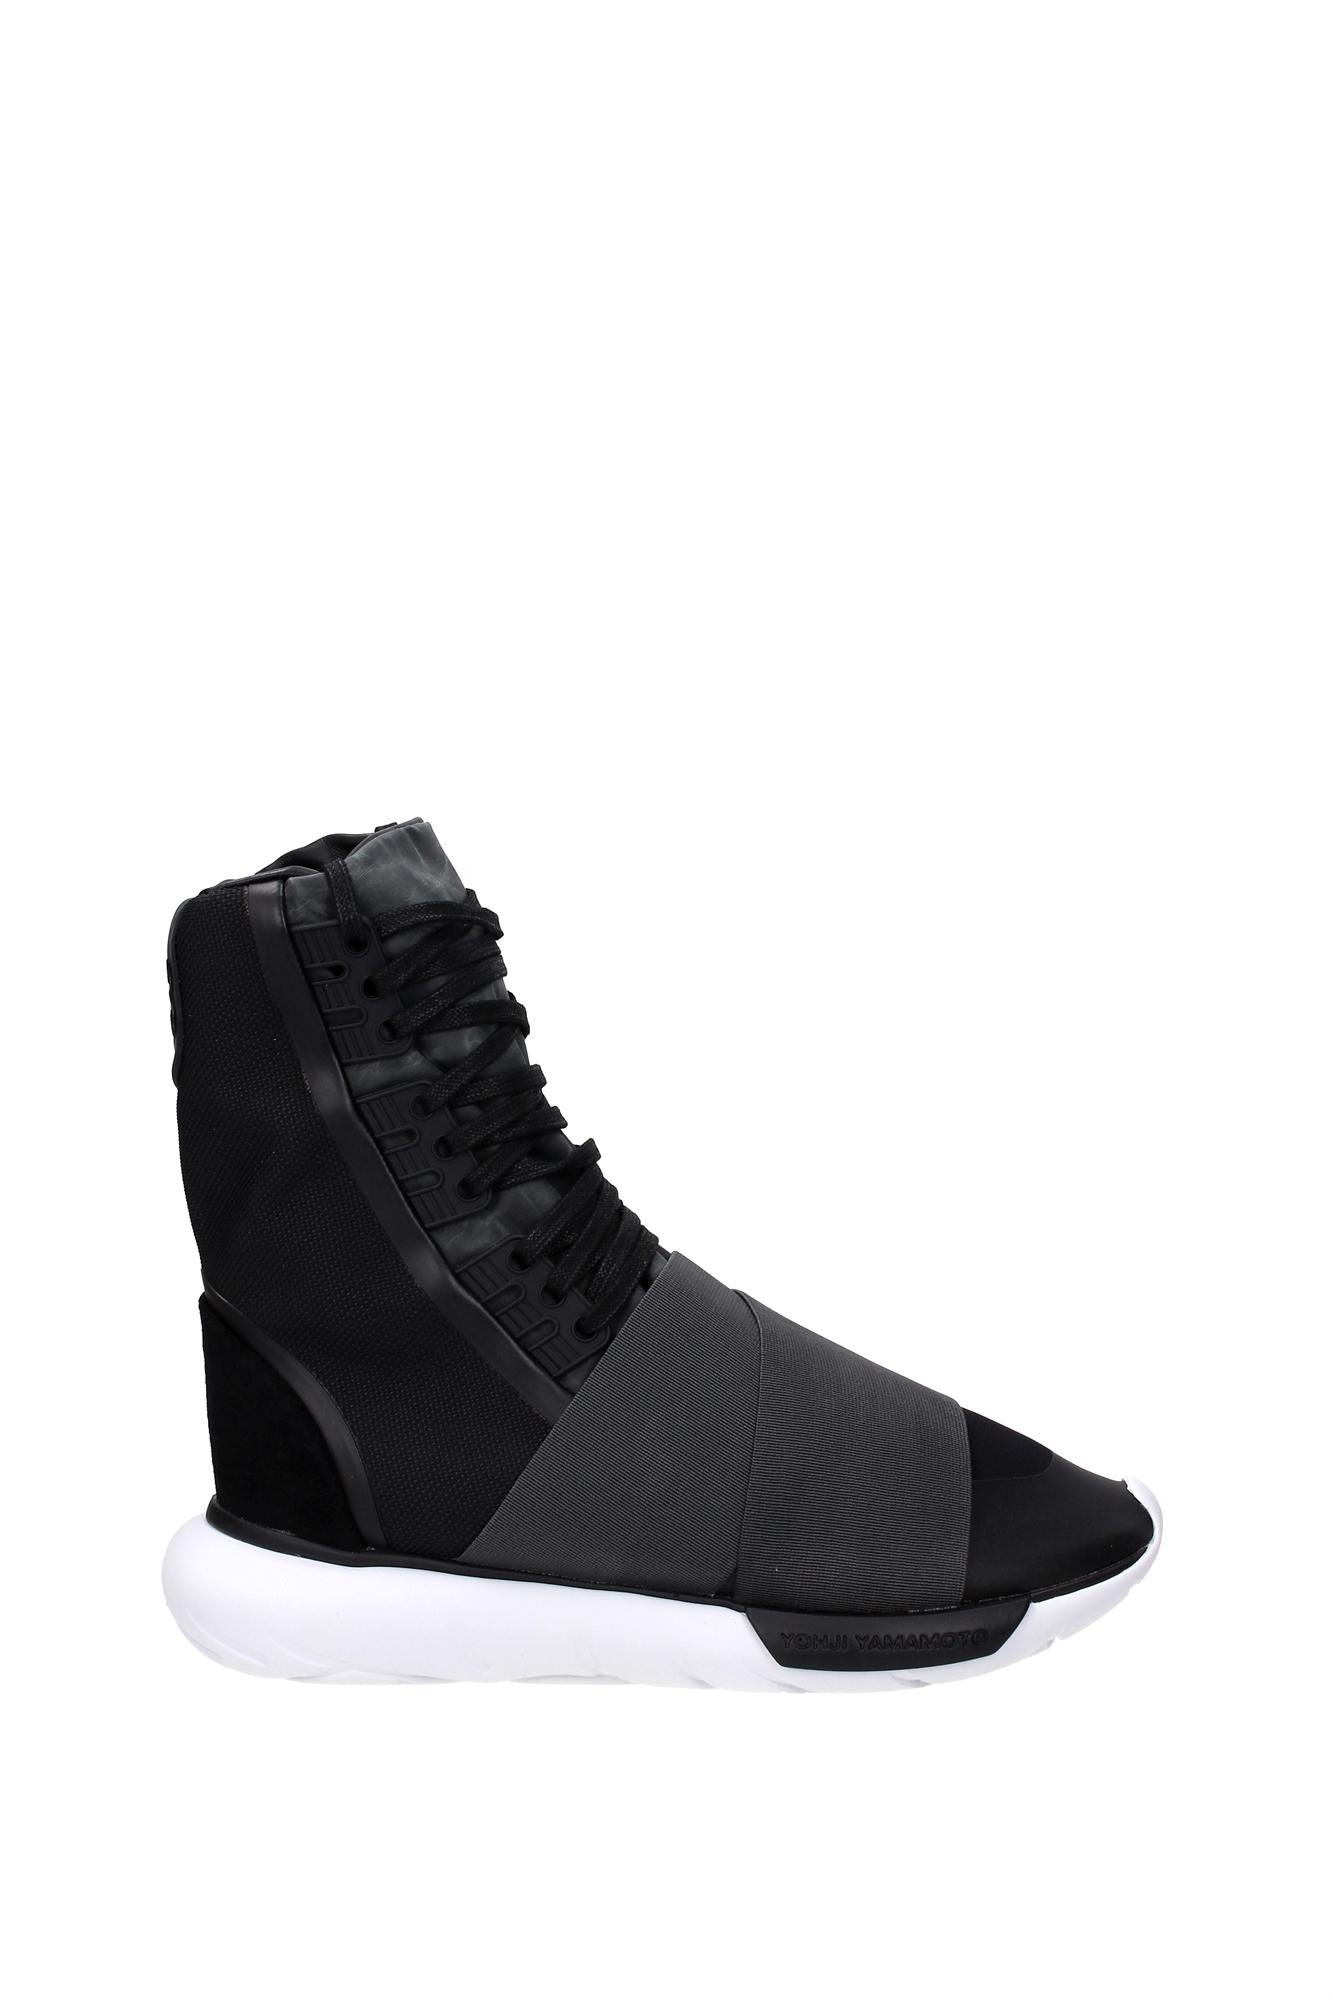 Sneakers Y3 Yamamoto      - Tessuto (BB4803Y3QASABOOT)   Mode    Dans De Nombreux Styles    En Gros    Qualité Et Quantité Assurée    Authentique  672140